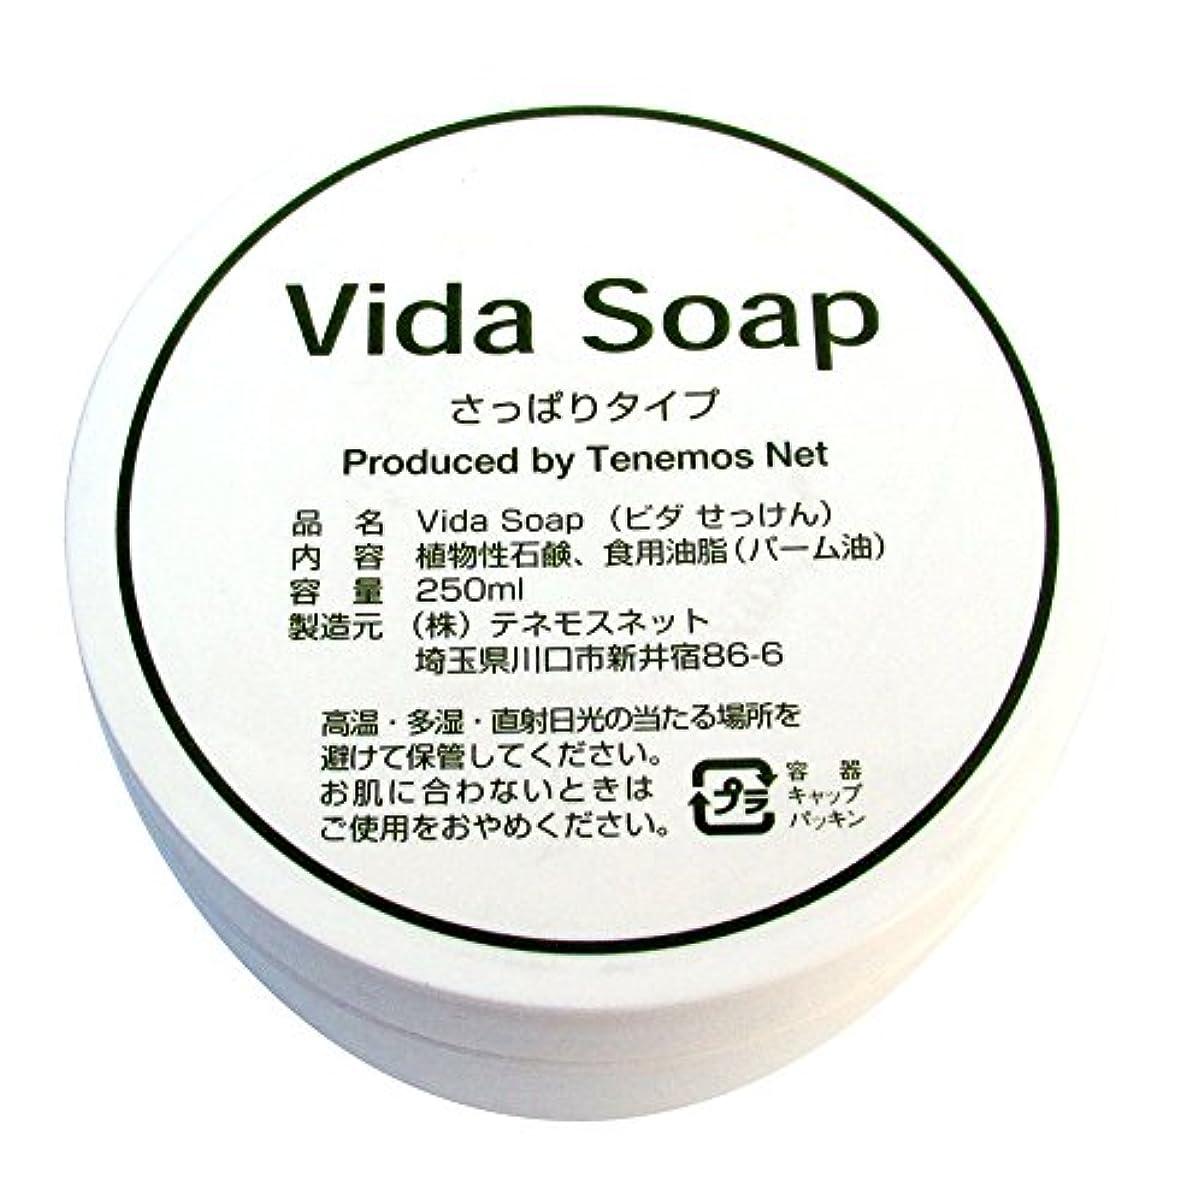 到着するまたは雑草テネモス ビダせっけん Vida Soap さっぱりノーマル 植物性 250ml